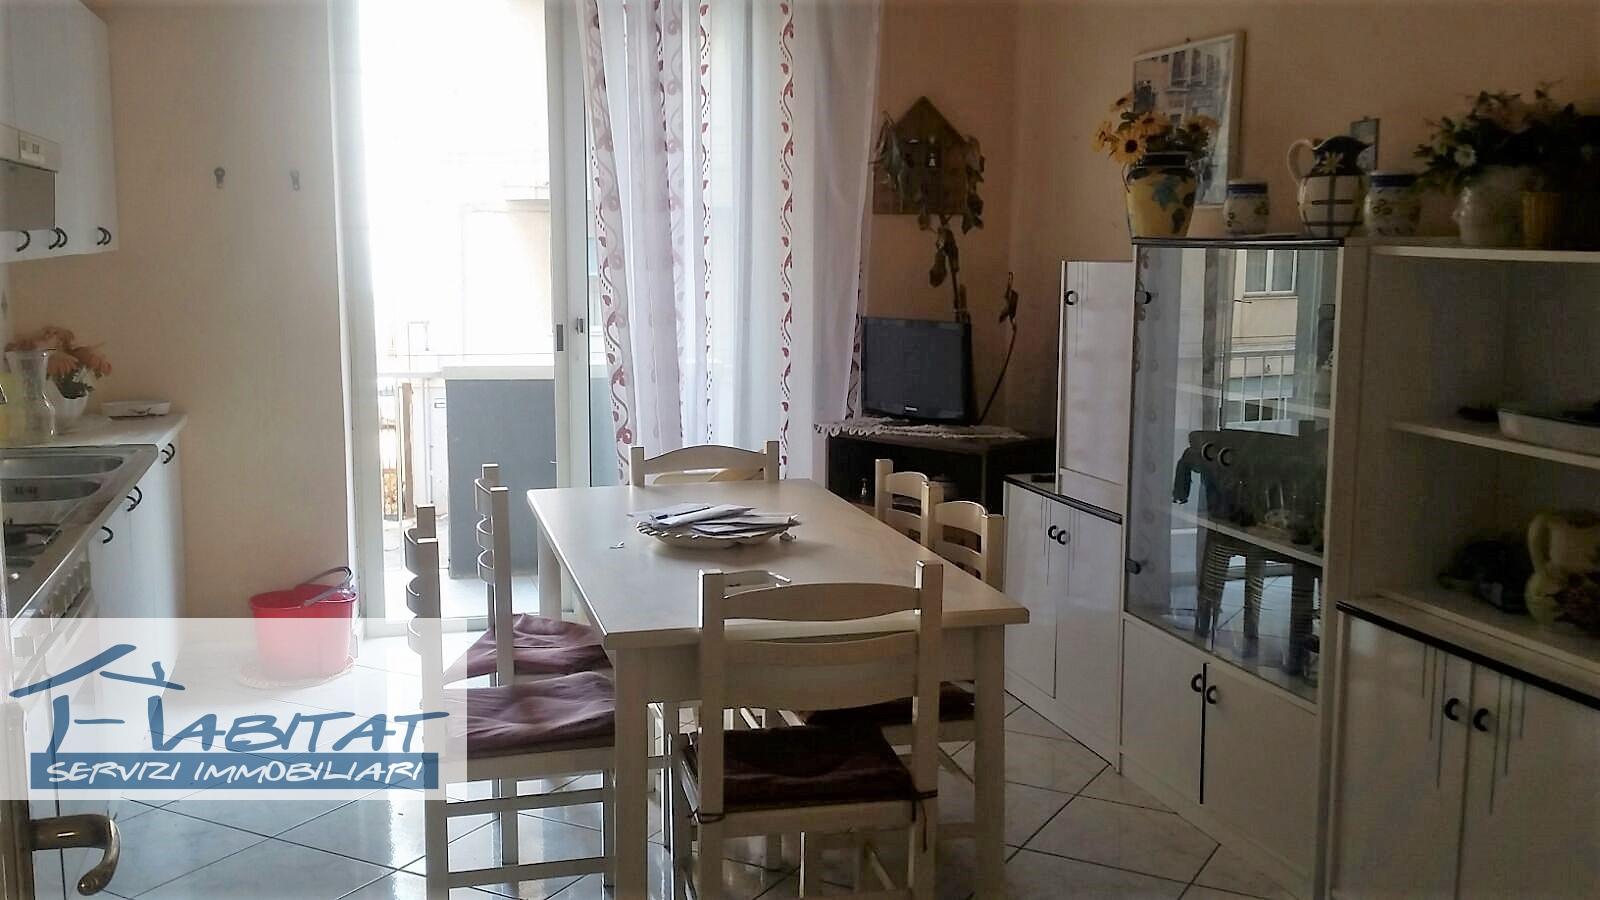 Appartamento in vendita a Agrigento, 4 locali, zona Zona: Centro, prezzo € 95.000   CambioCasa.it